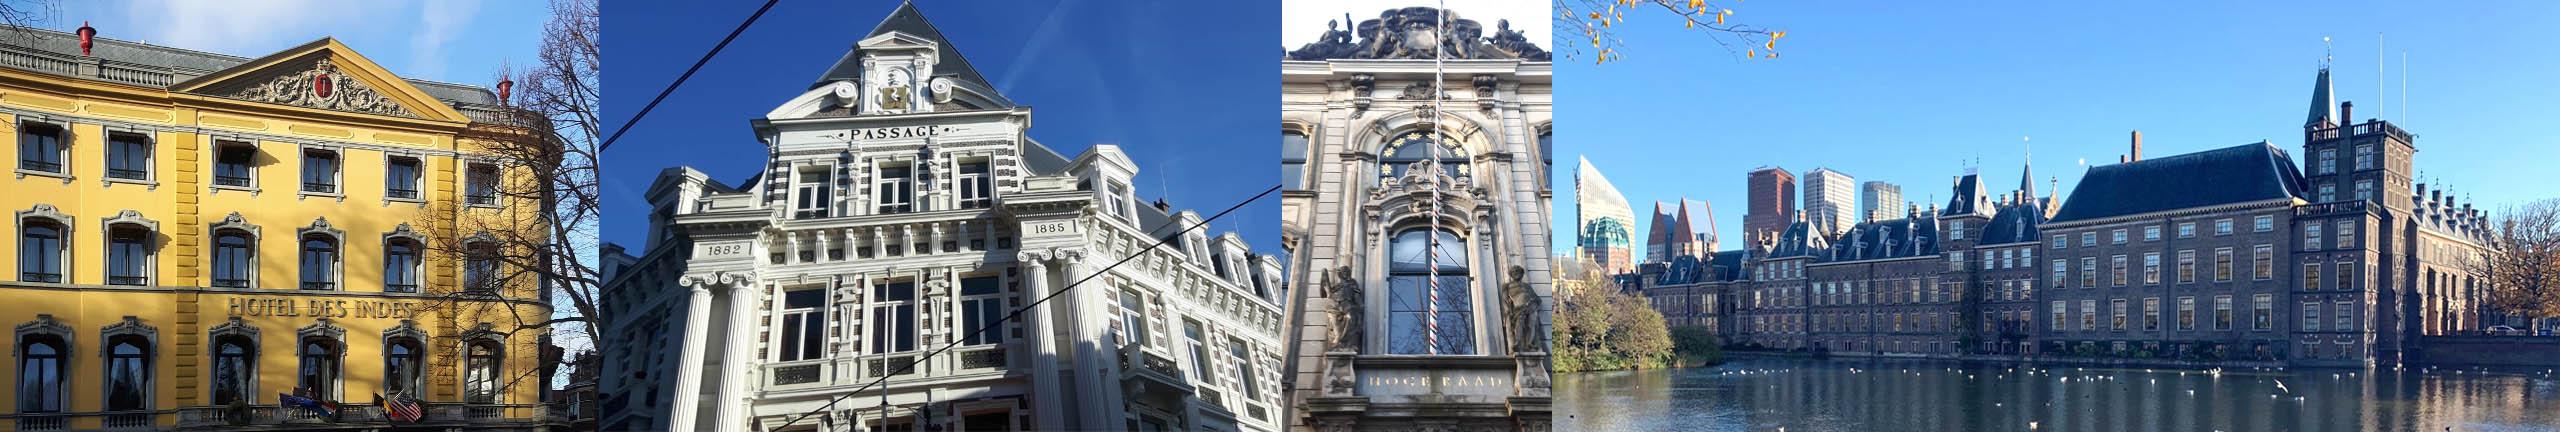 The Hague & Scheveningen City Tour